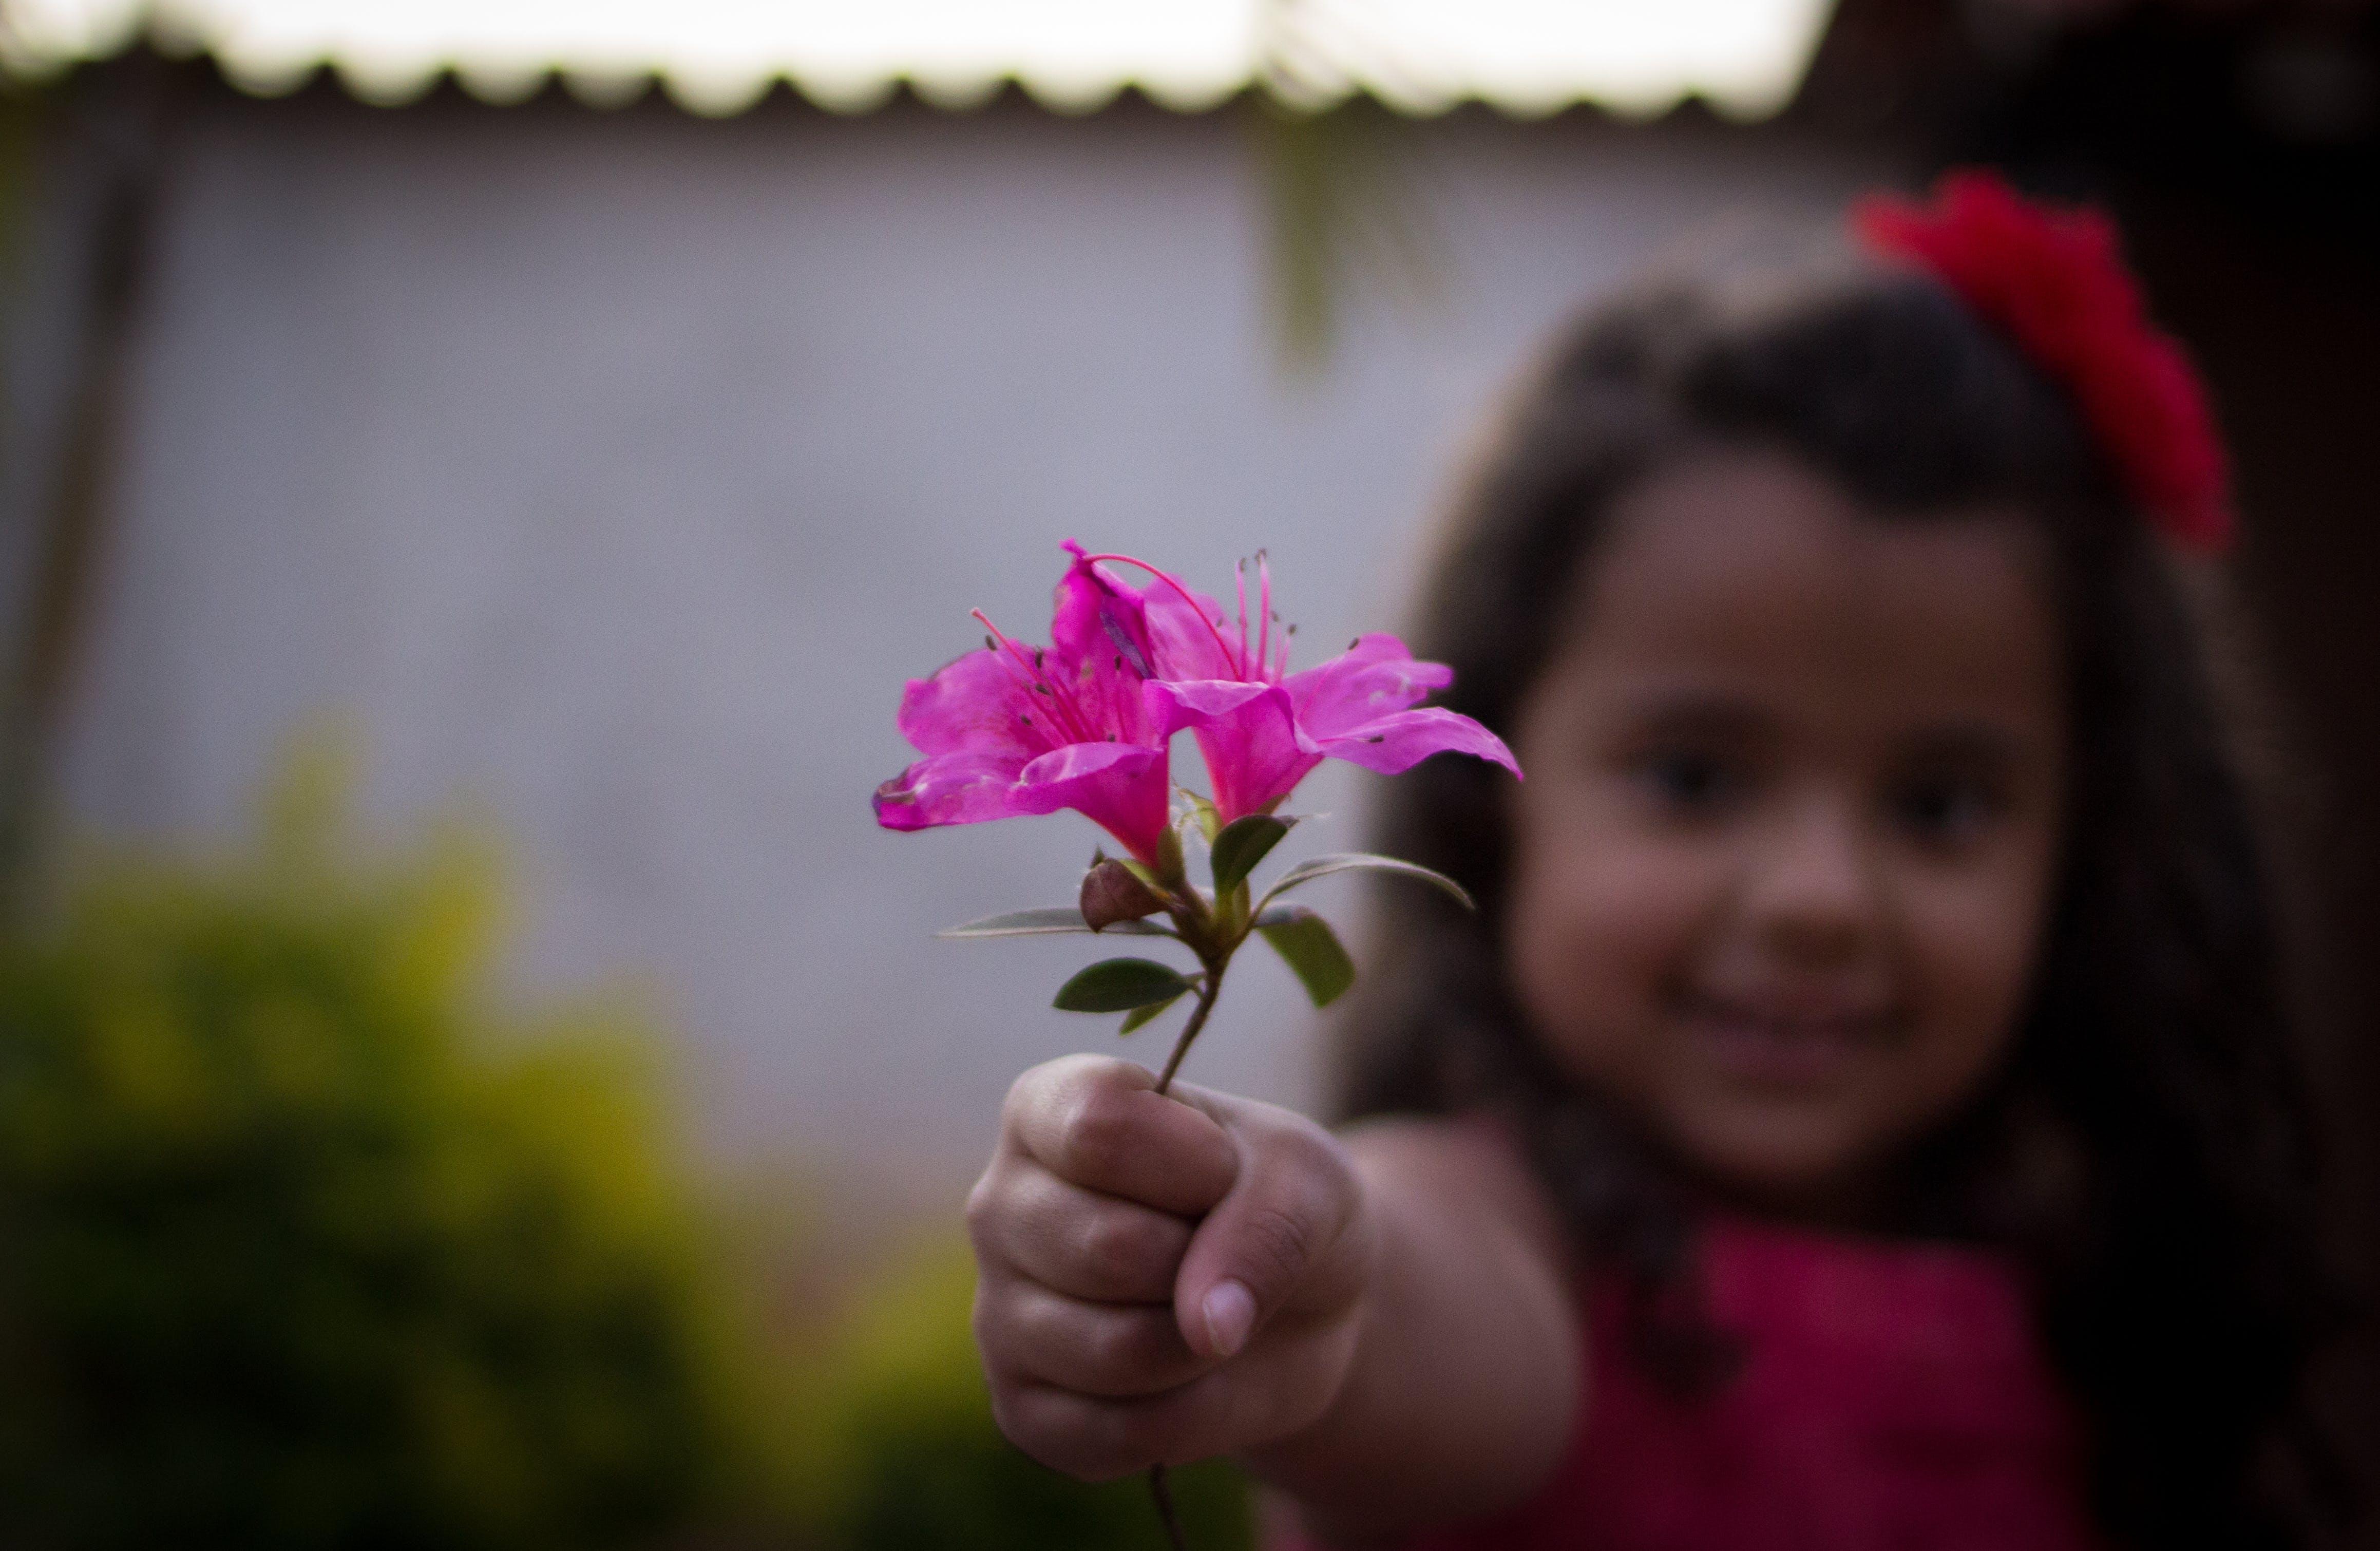 Gratis lagerfoto af barn, blomst, Pige, sød pige